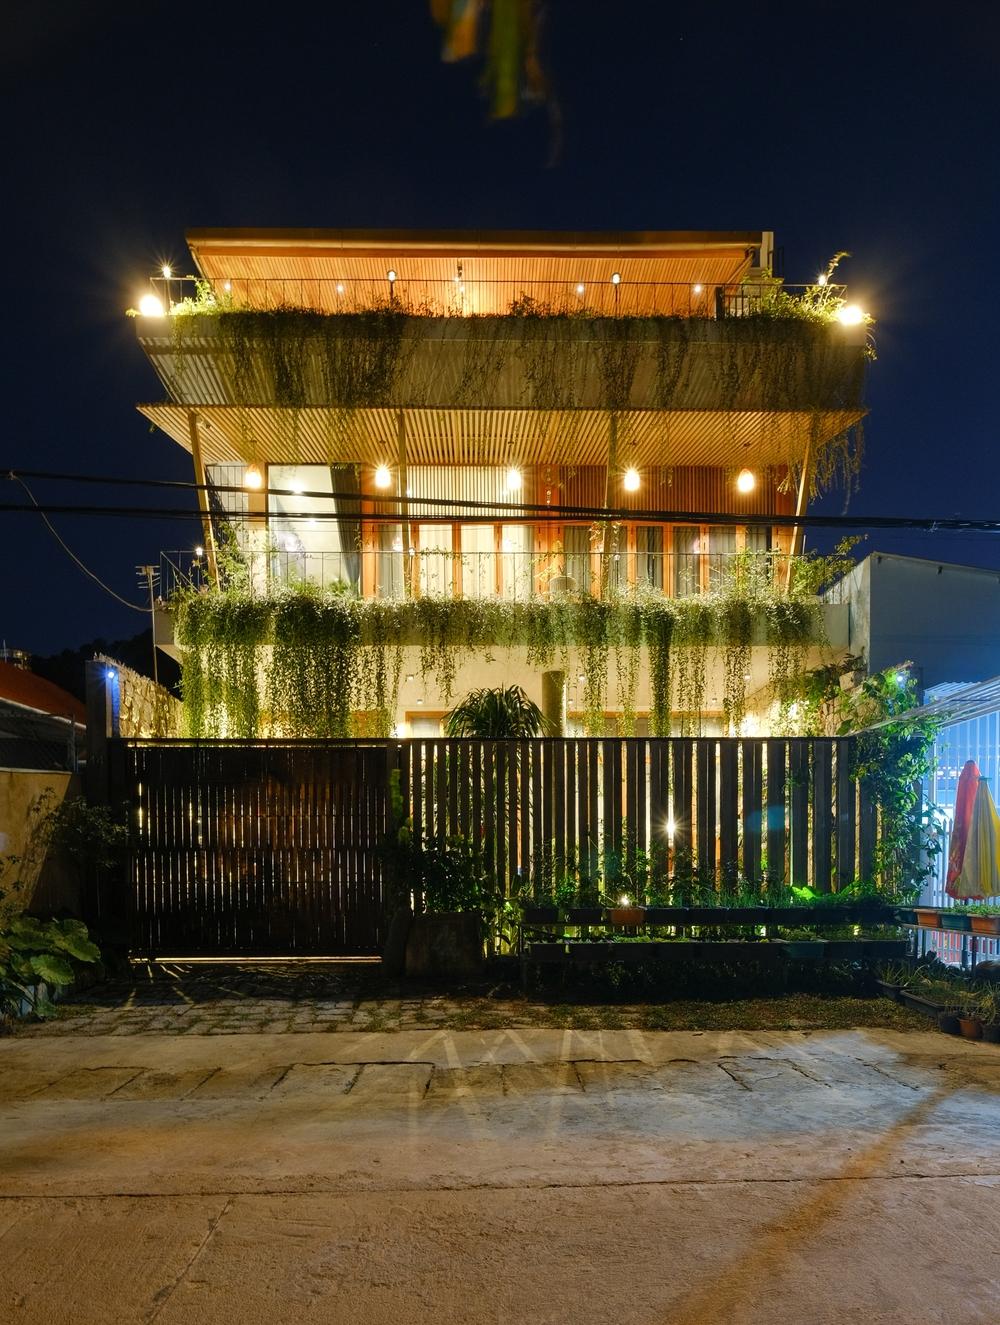 Nhà ven sông siêu chill với kiến trúc nhiệt đới, mê nhất là khu giếng trời xanh mát đến lịm người  - Ảnh 20.